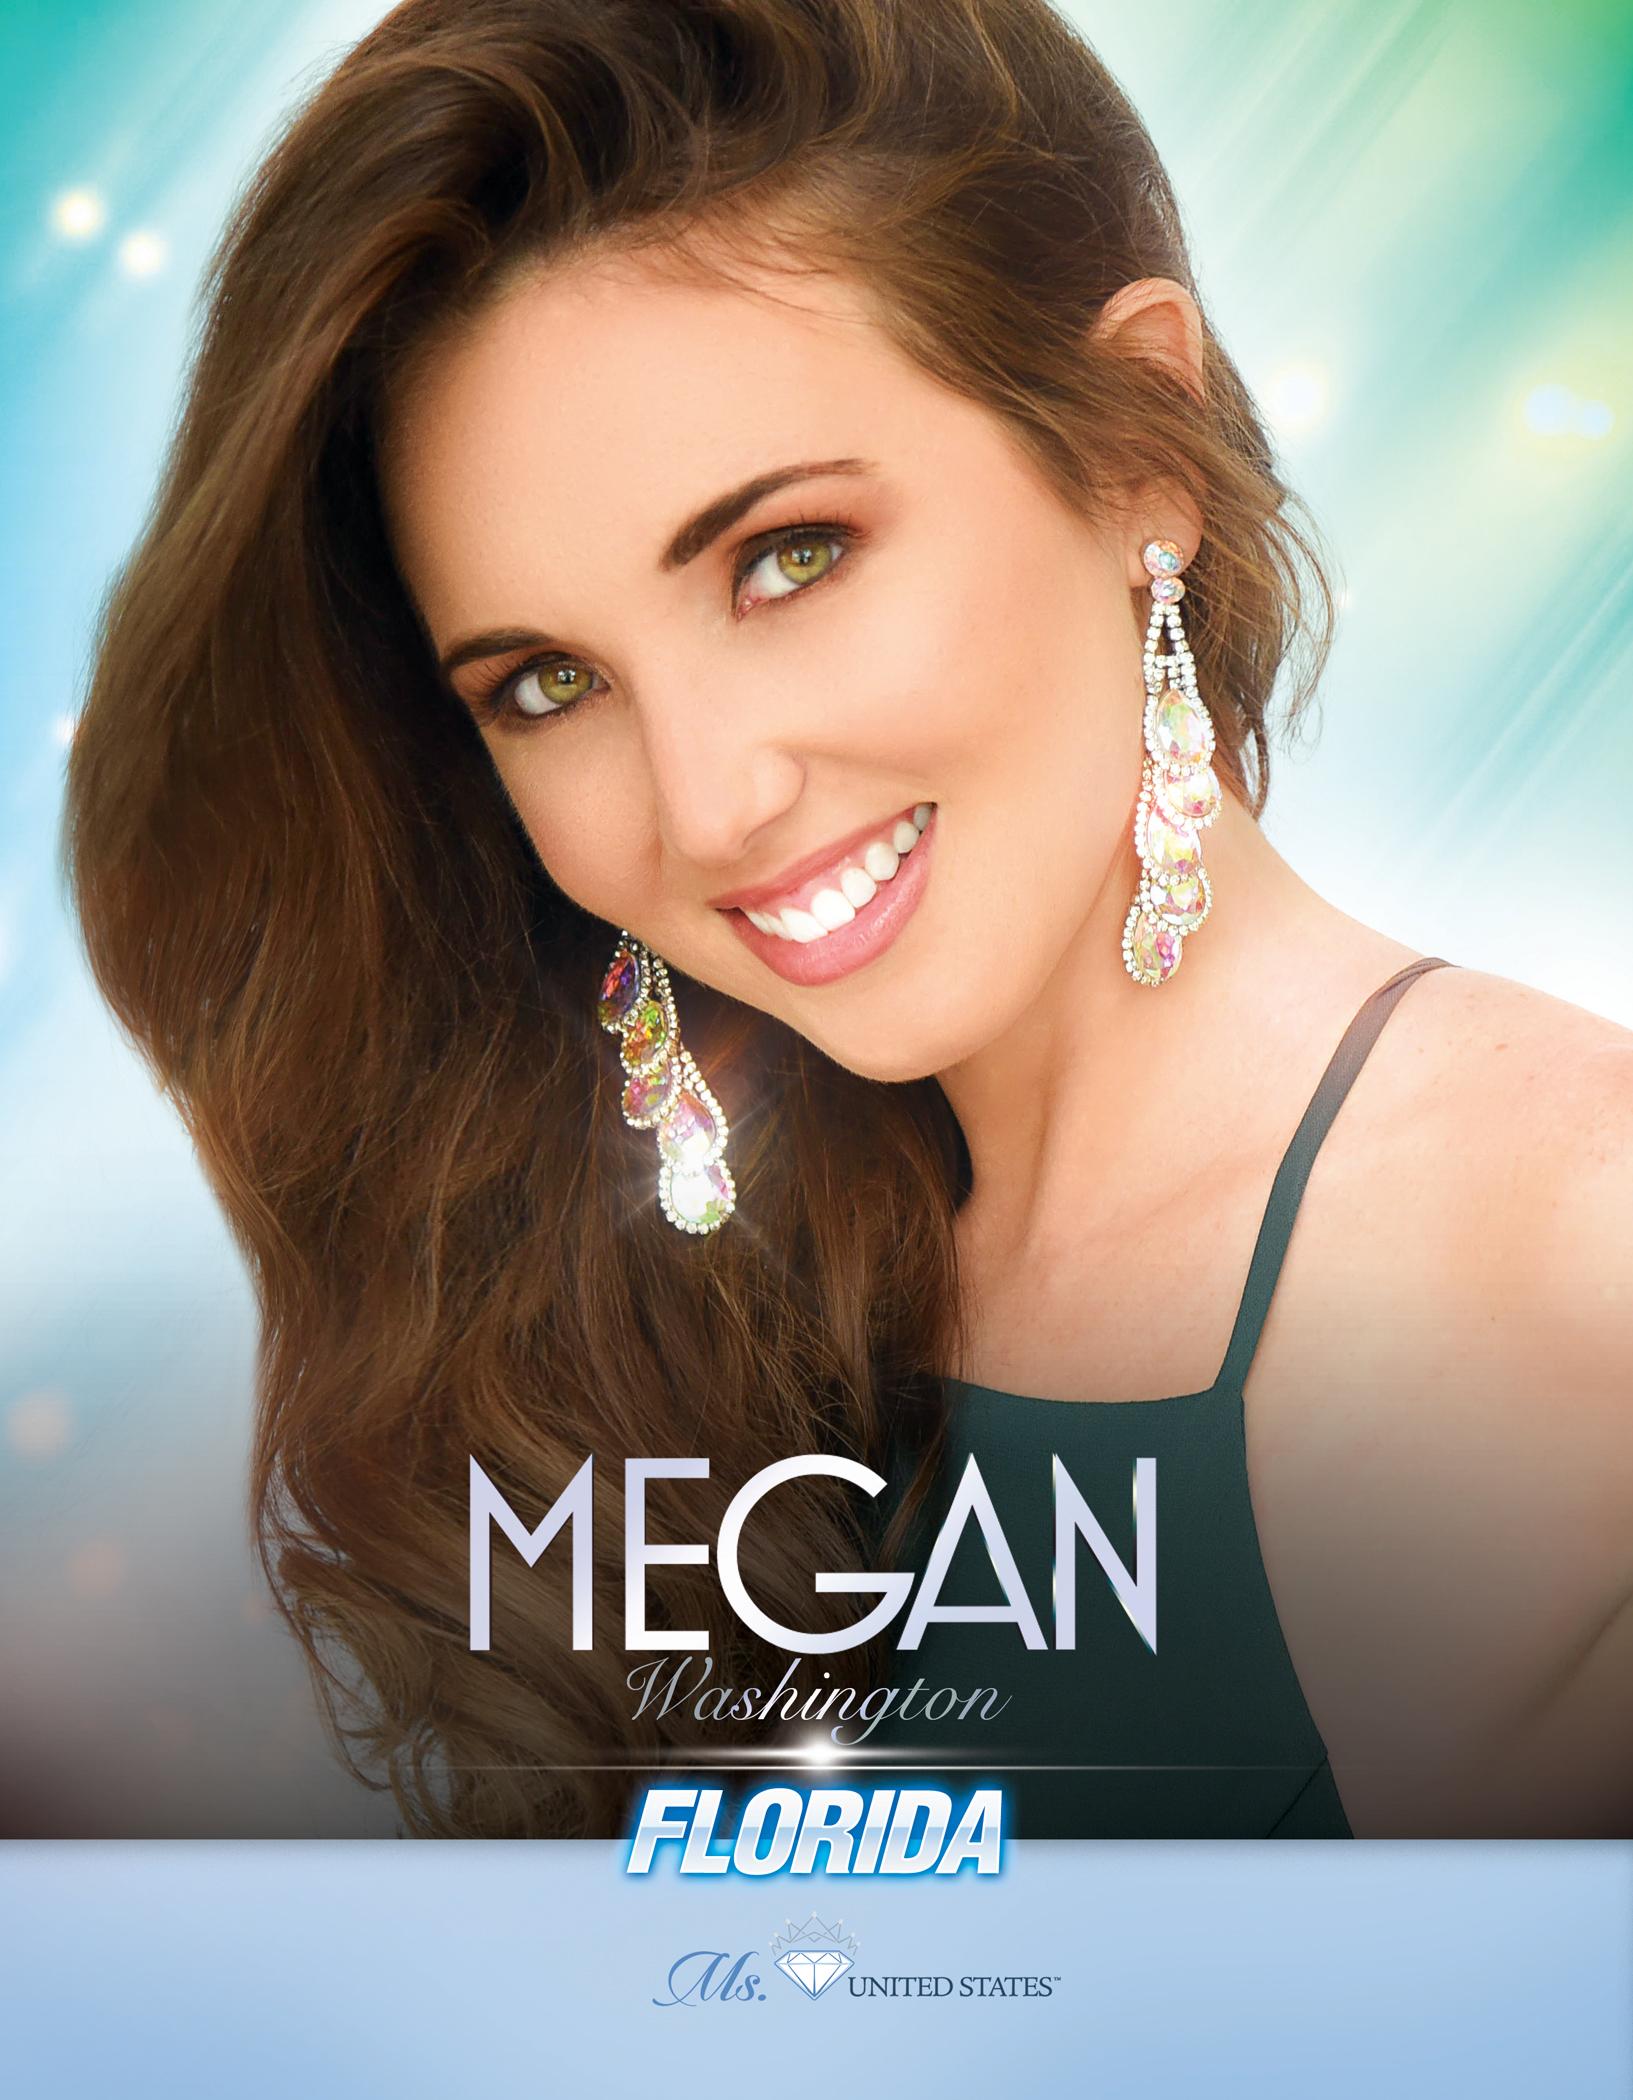 Megan Washington Ms. Florida United States - 2019